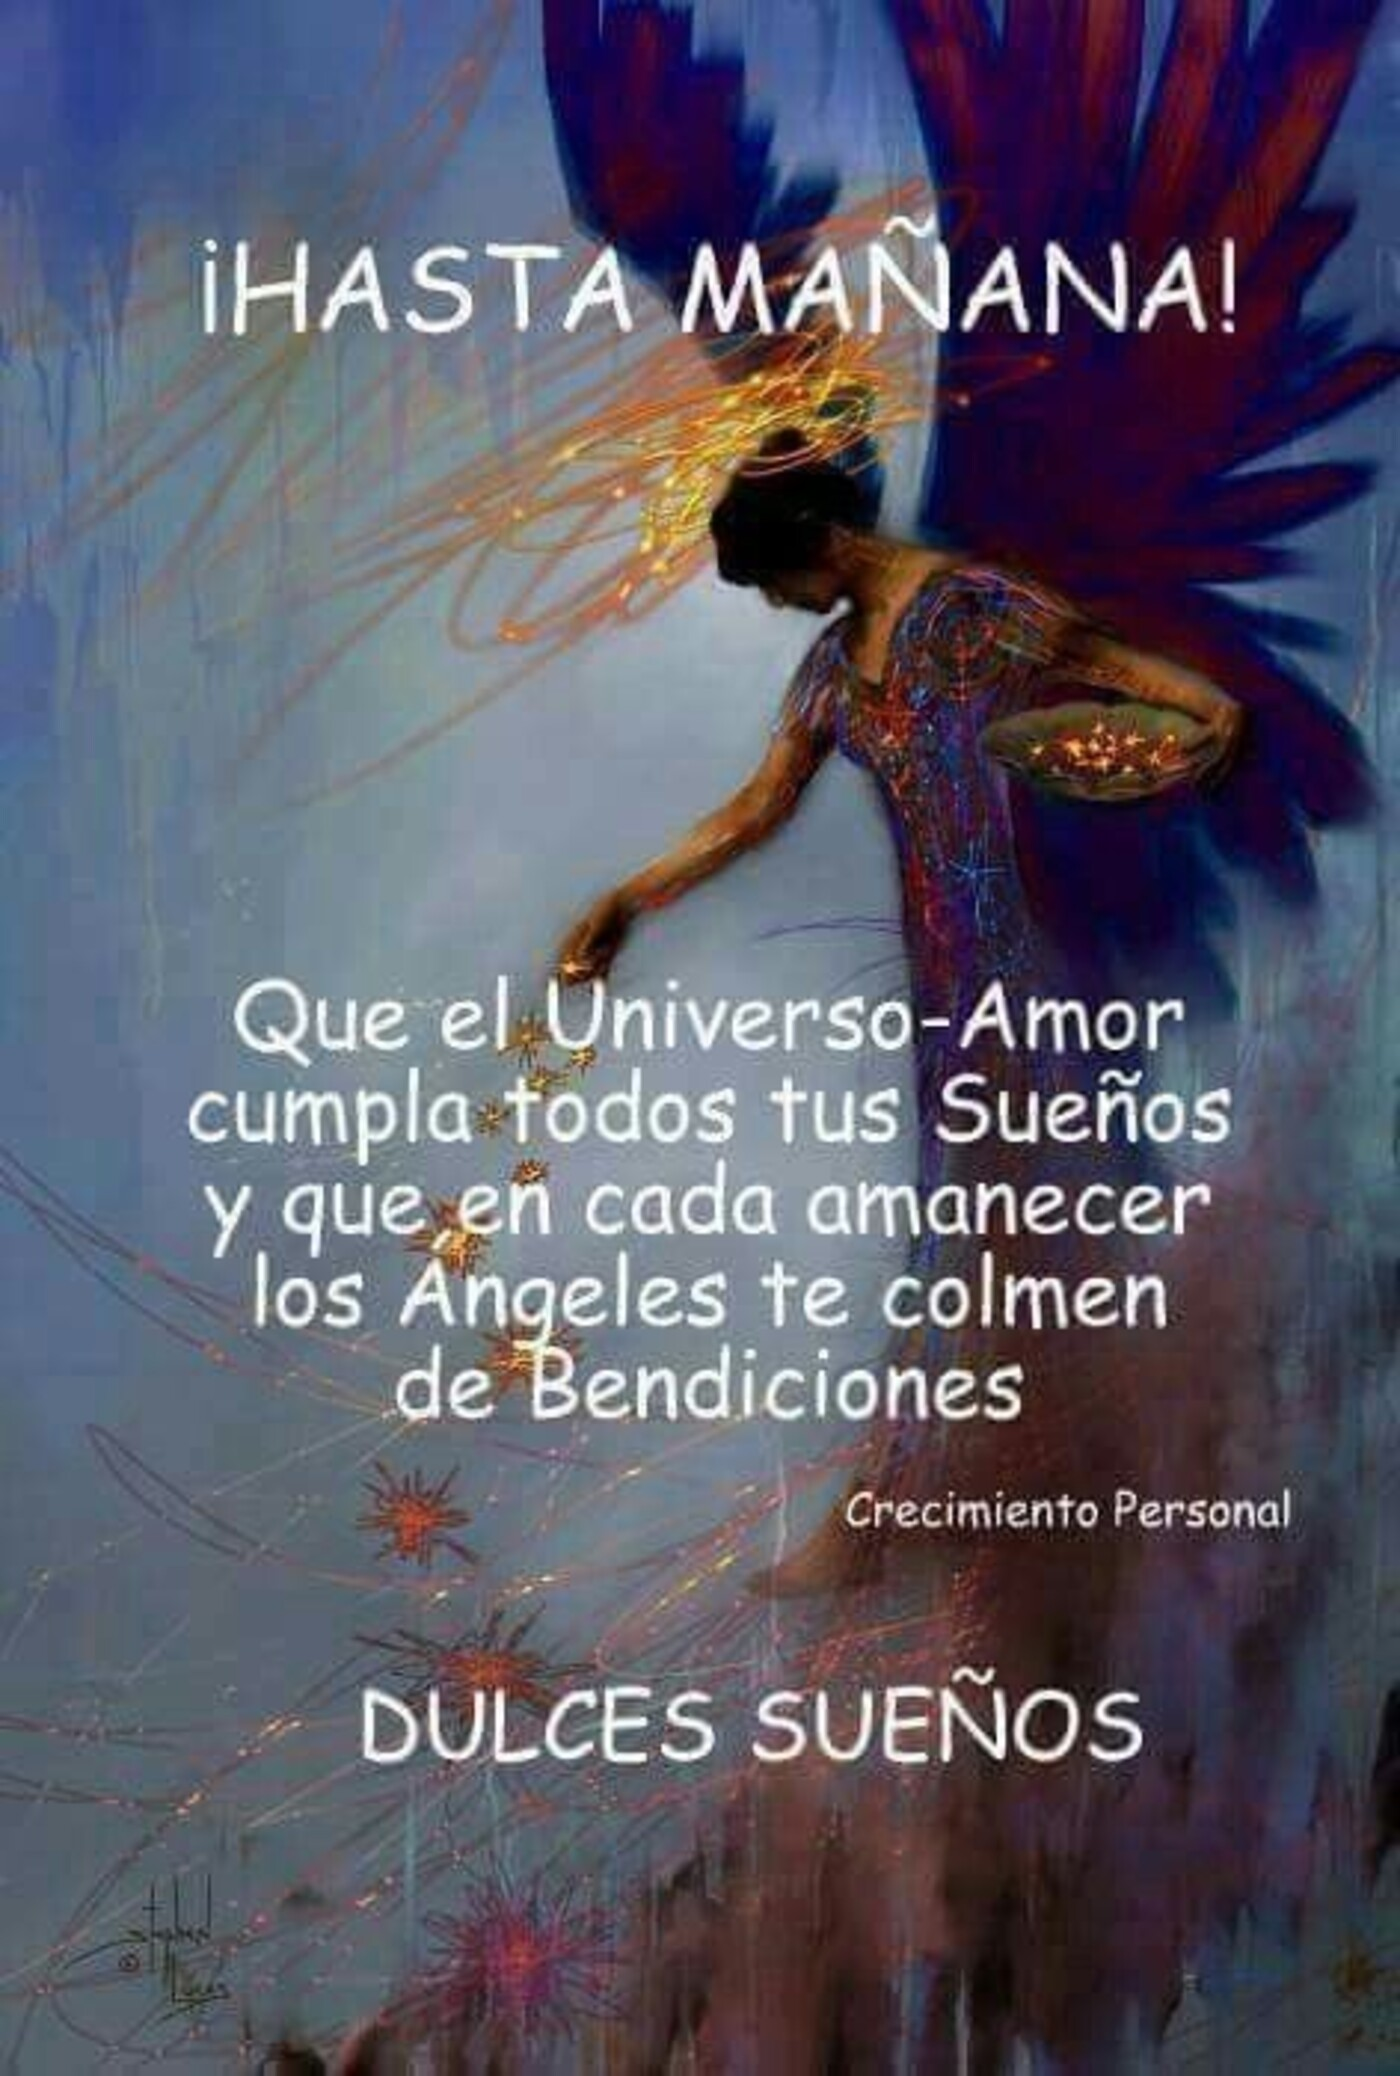 Hasta mañana que el Universo-Amor cumpla todos tus sueños y que en cada amanecer los angeles te colmen de bendiciones. Dulces sueños